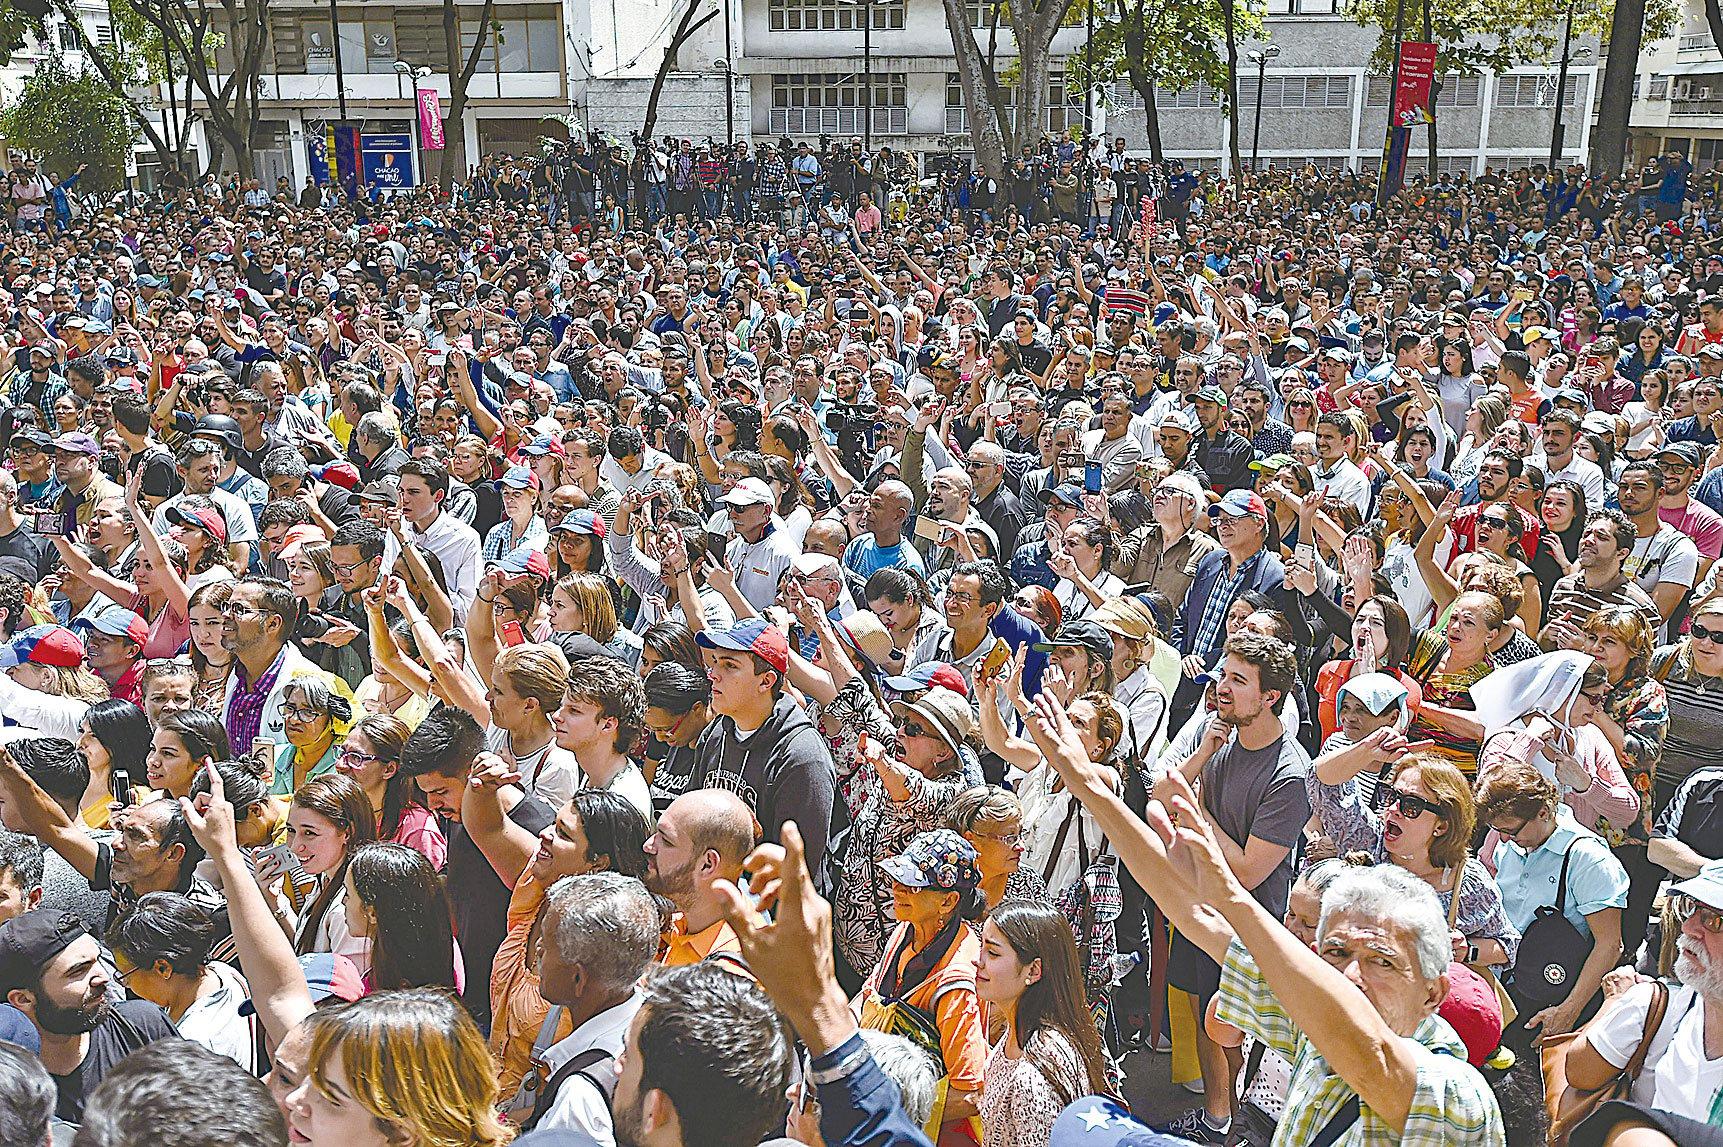 圖為2019年1月25日,委內瑞拉首都街頭集會抗議的民眾。 (Photo by Luis ROBAYO / AFP)